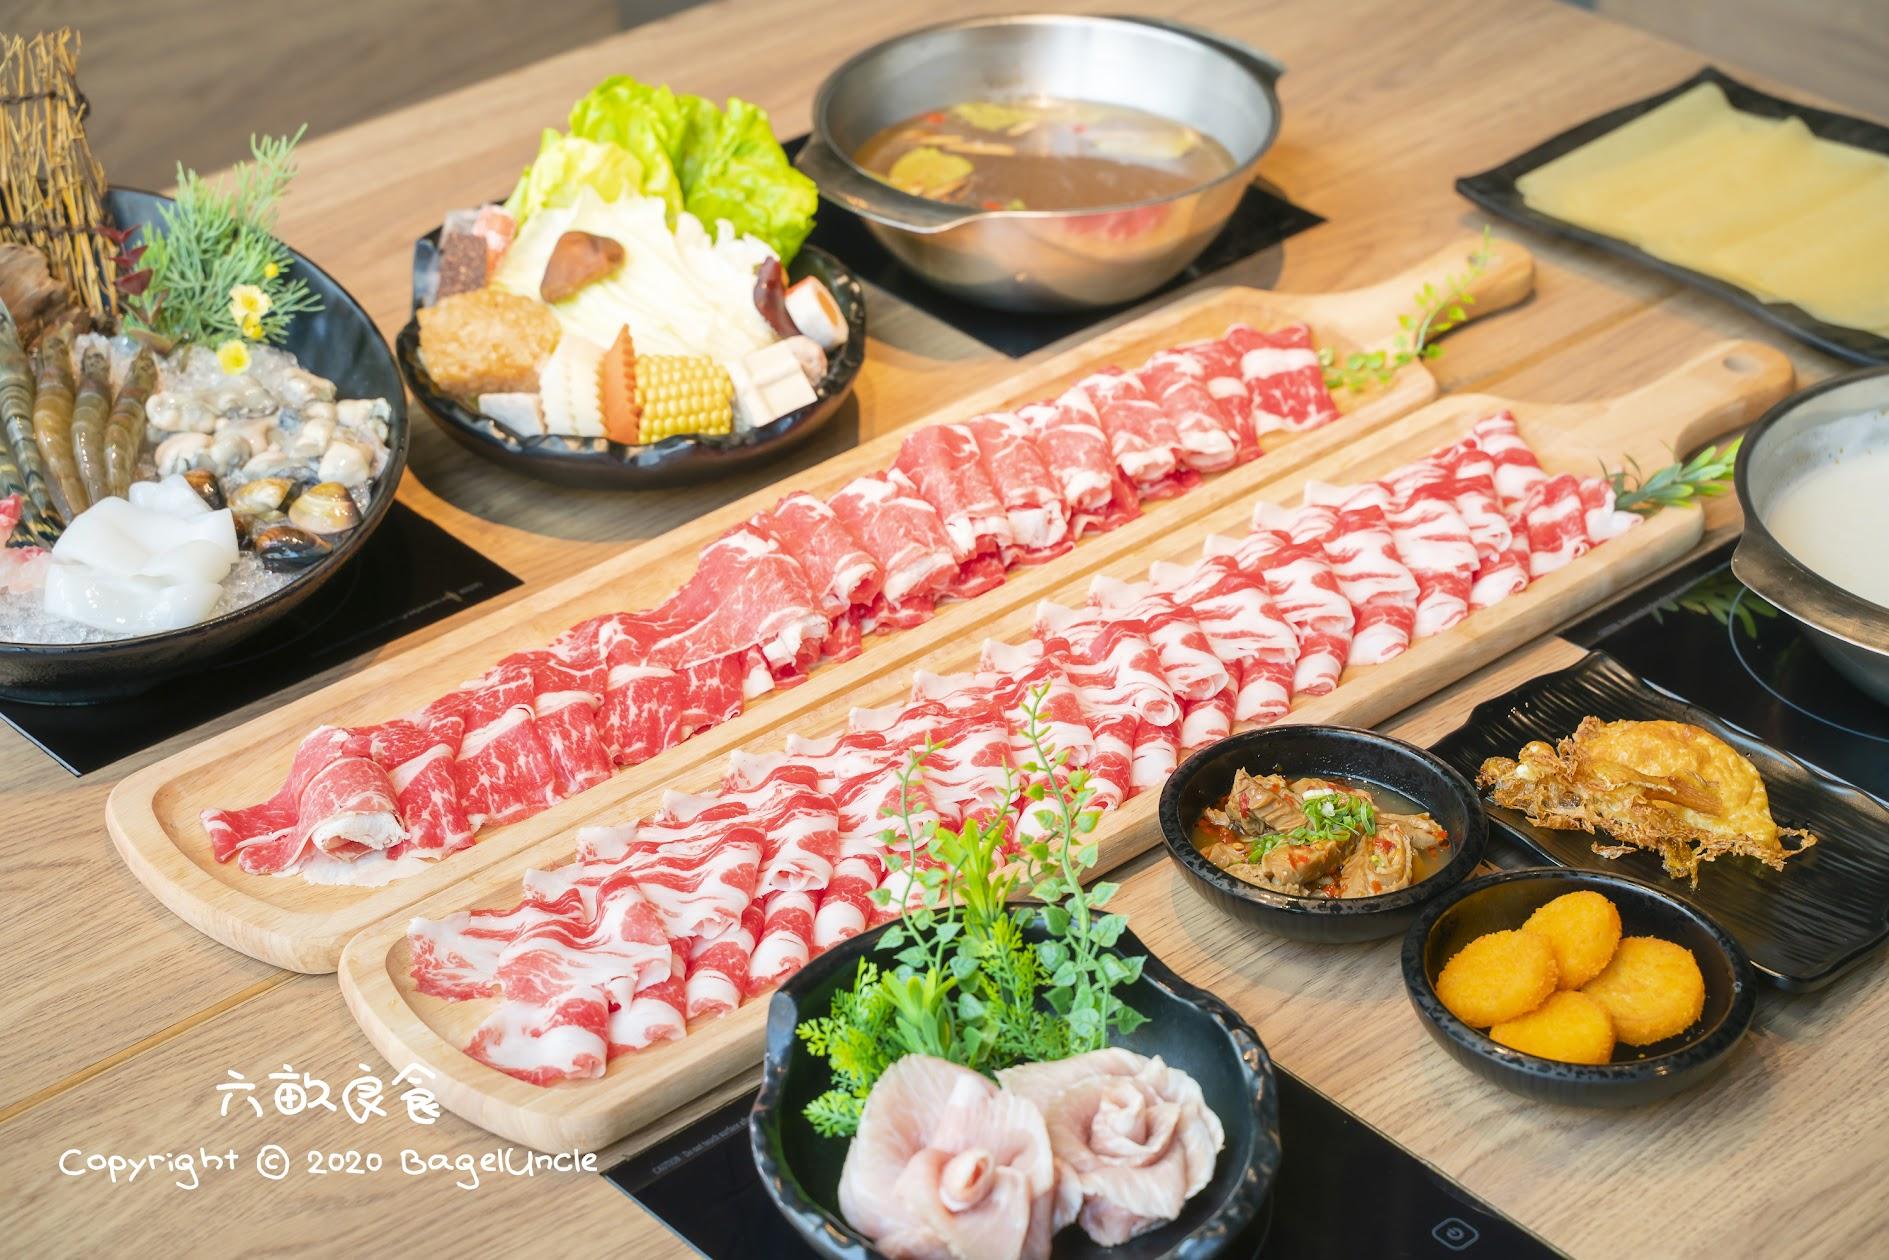 【美食】彰化員林 六畝良食鍋物 海鮮肉品超優質 火鍋界的頂級饗宴